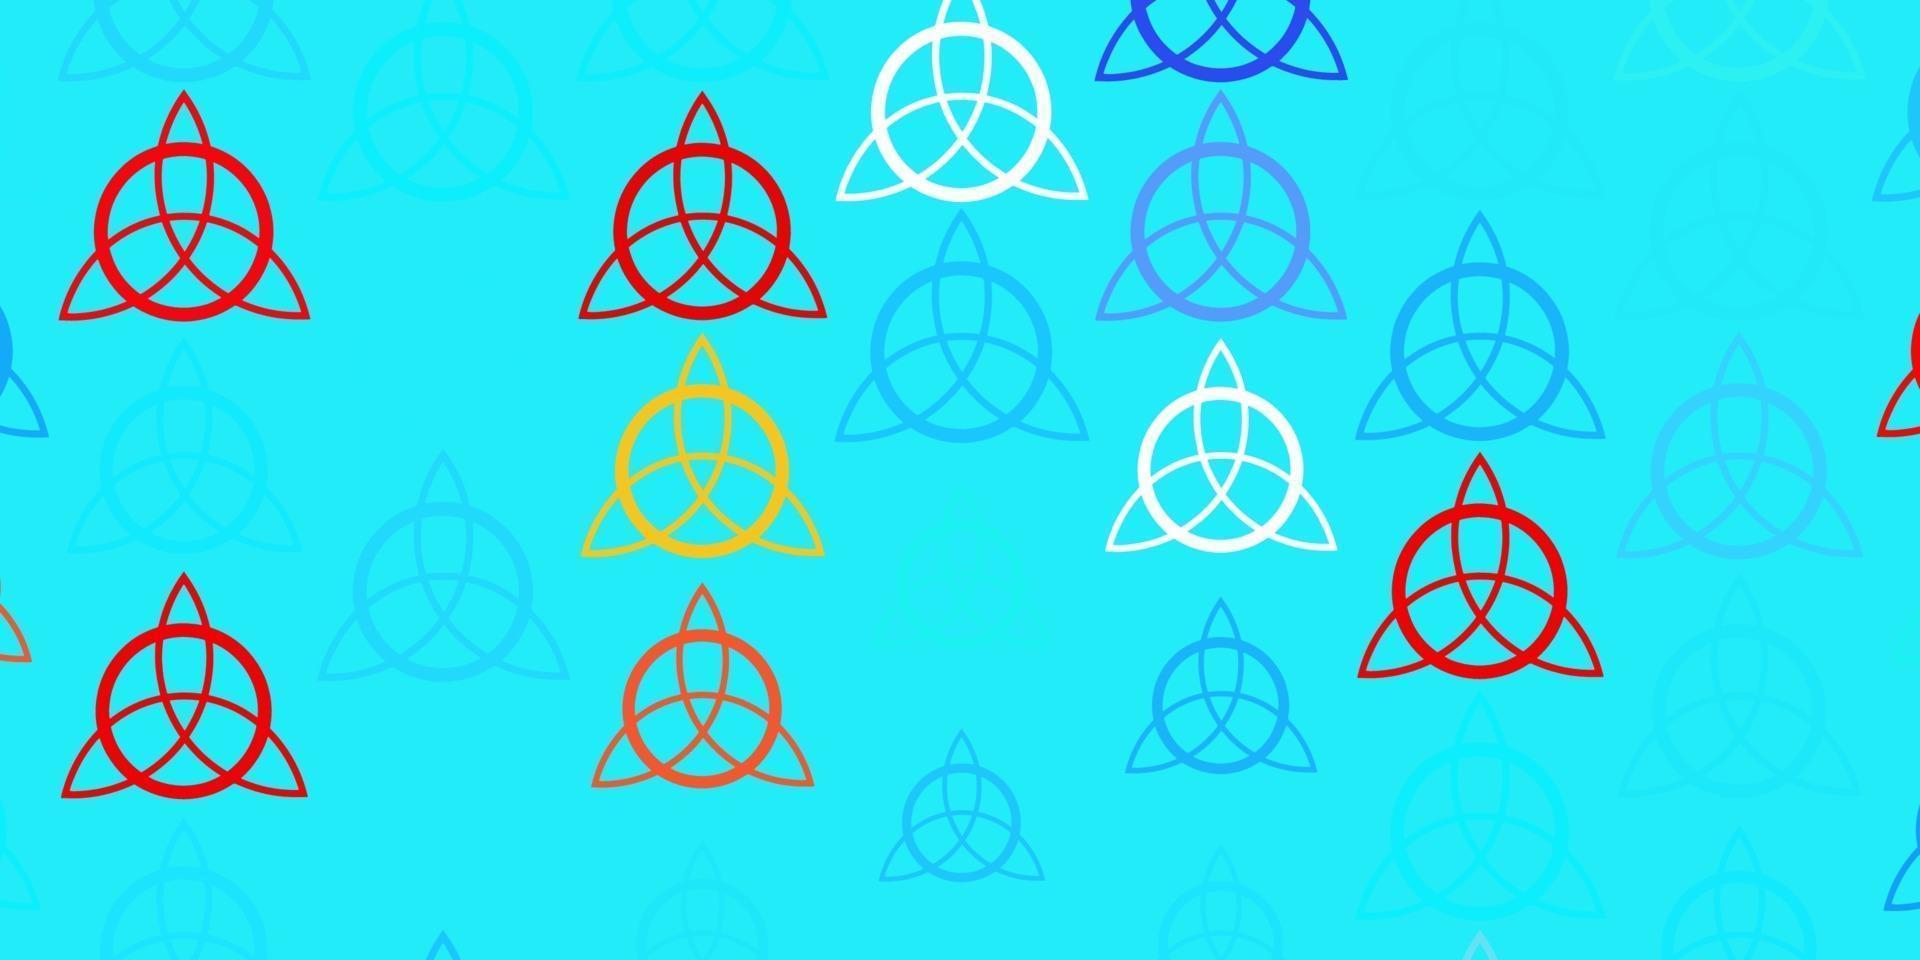 fundo vector azul e vermelho claro com símbolos ocultos.